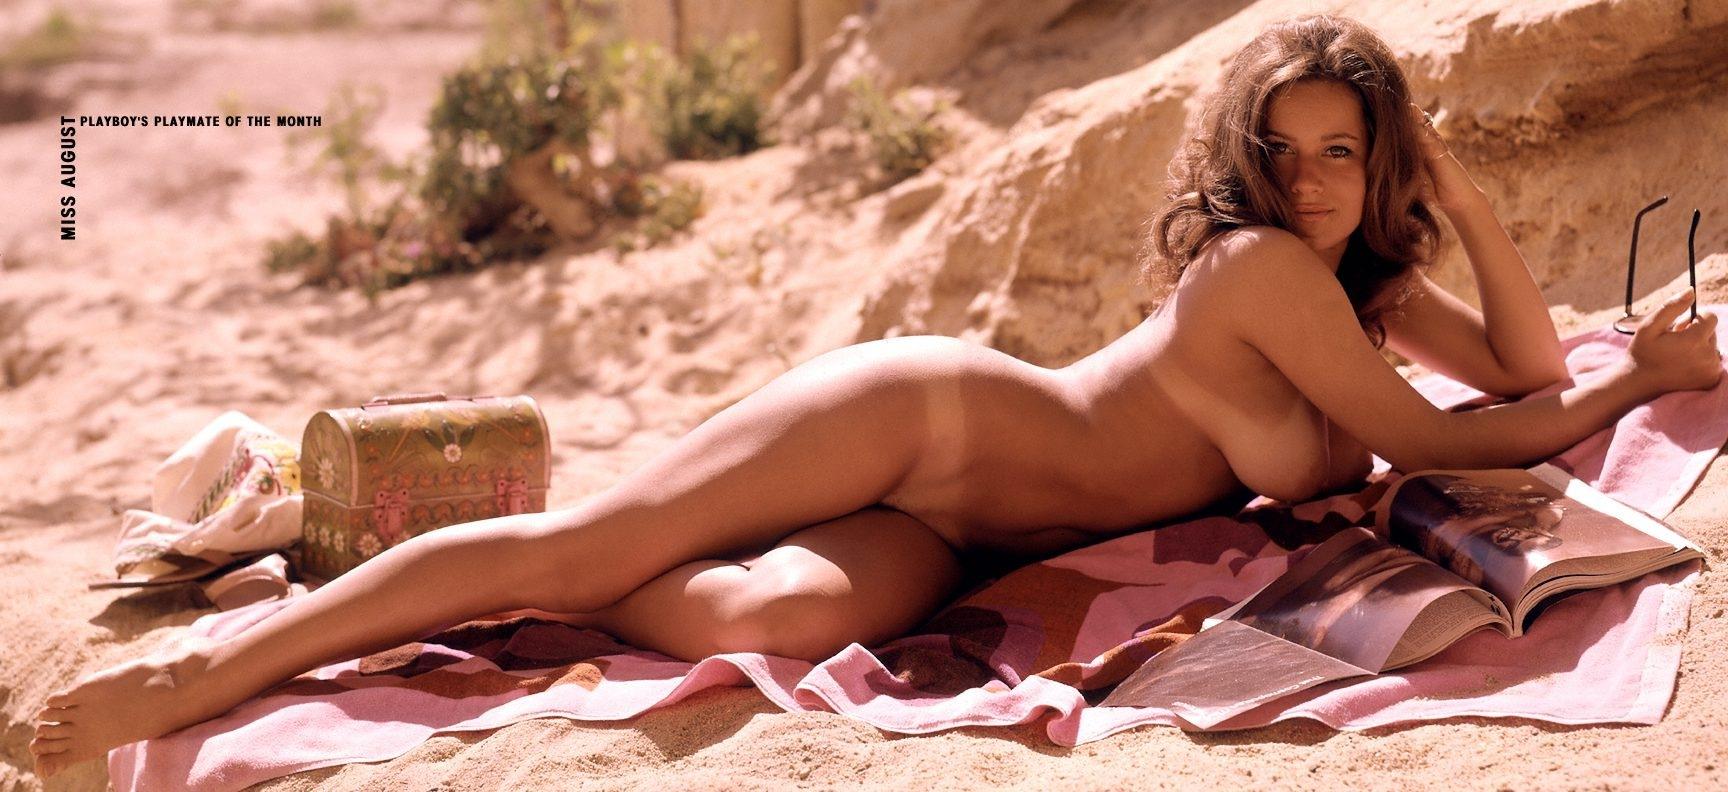 Manuela arcuri nude playboy it-3386